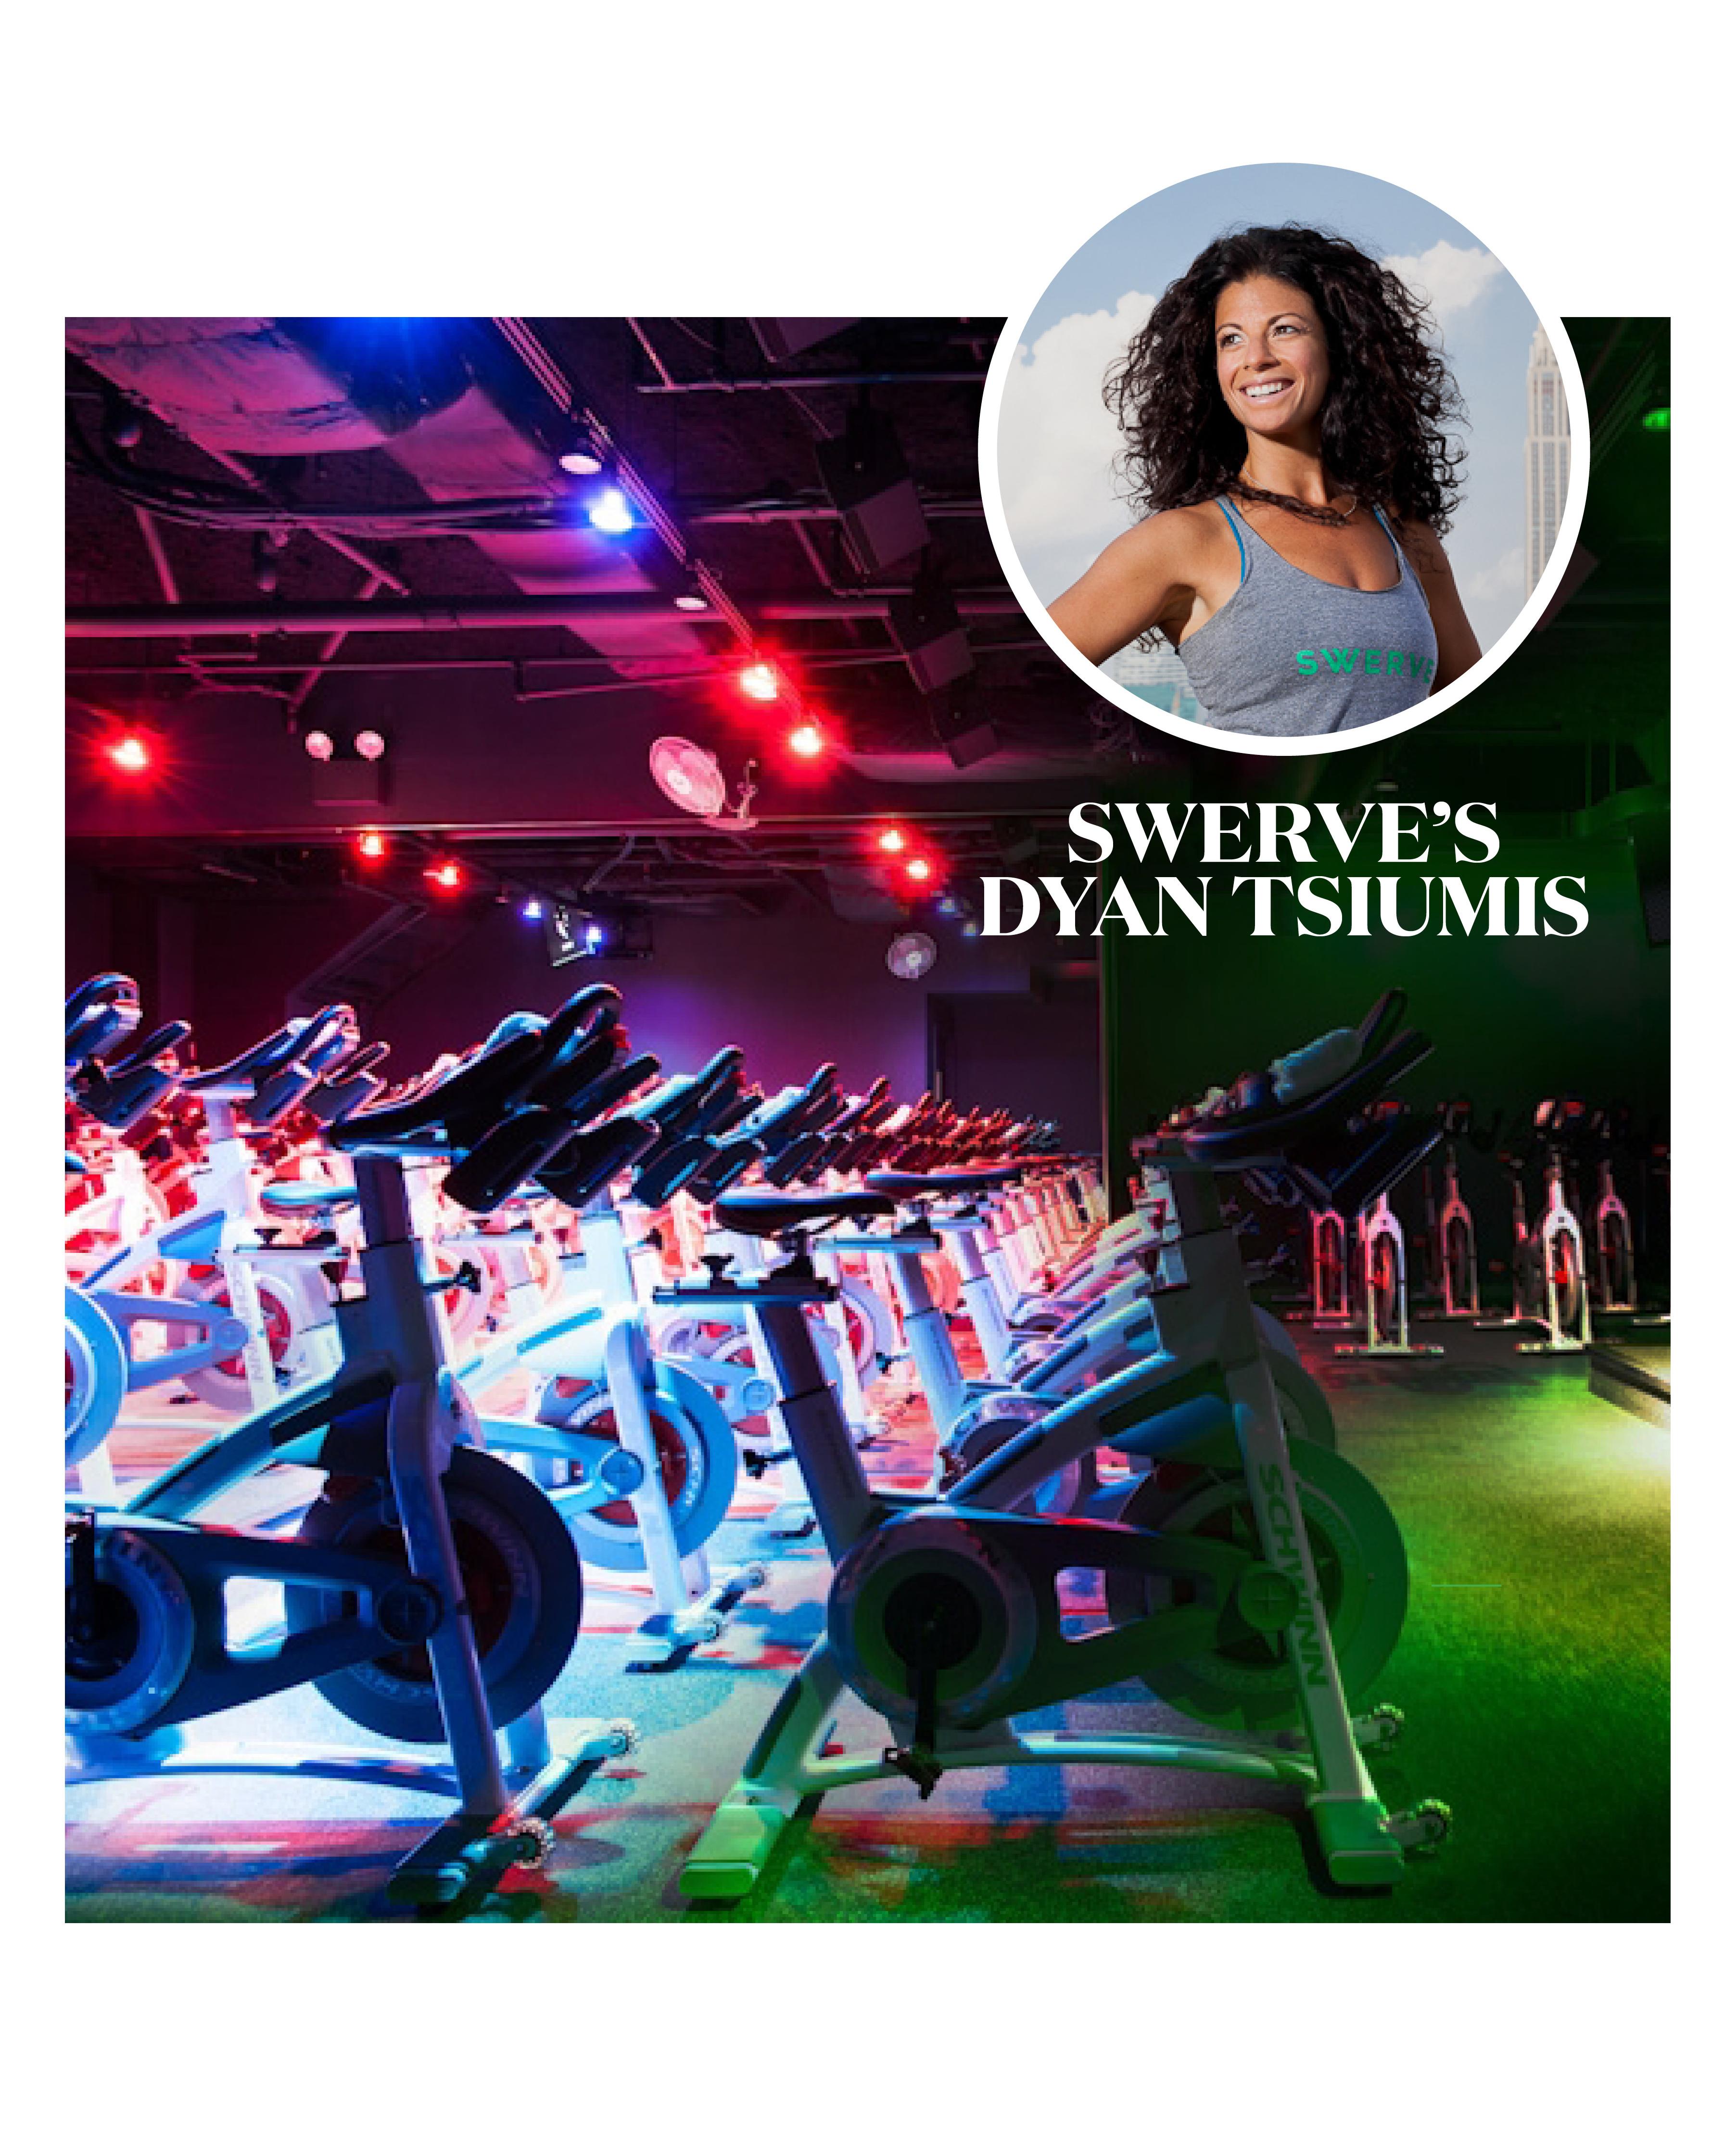 swerve-playlist-workout-0814.jpg